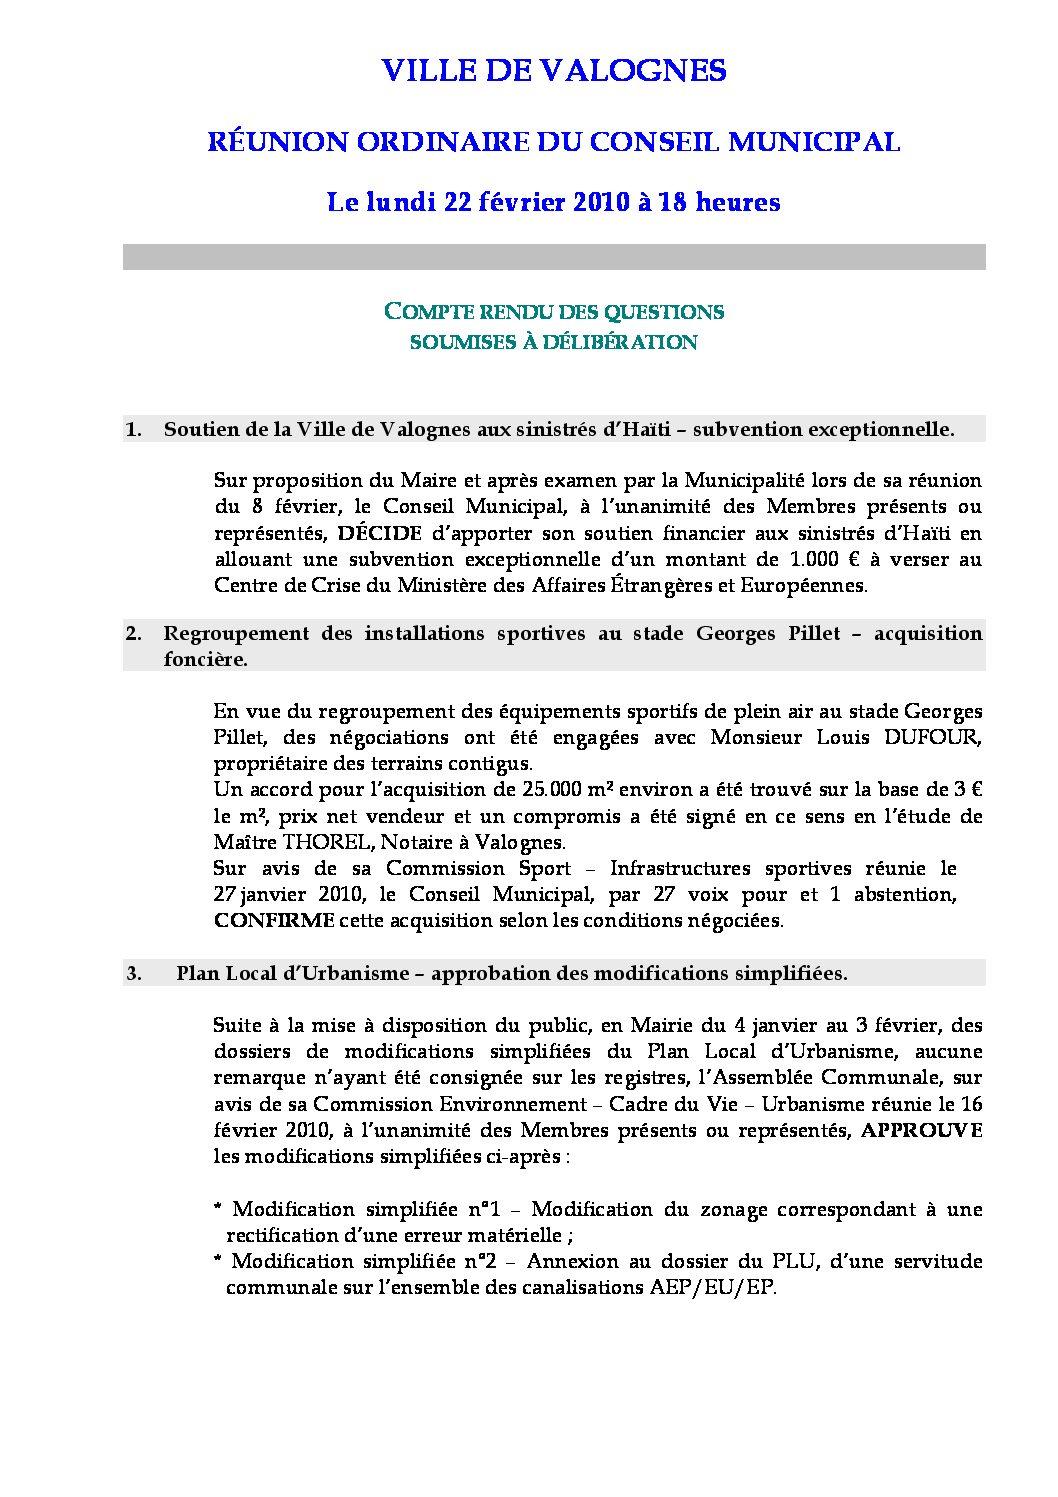 Extrait du registre des délibérations du 22-02-2010 - Compte rendu des questions soumises à délibération lors de la séance du Conseil Municipal du 22 février 2010.